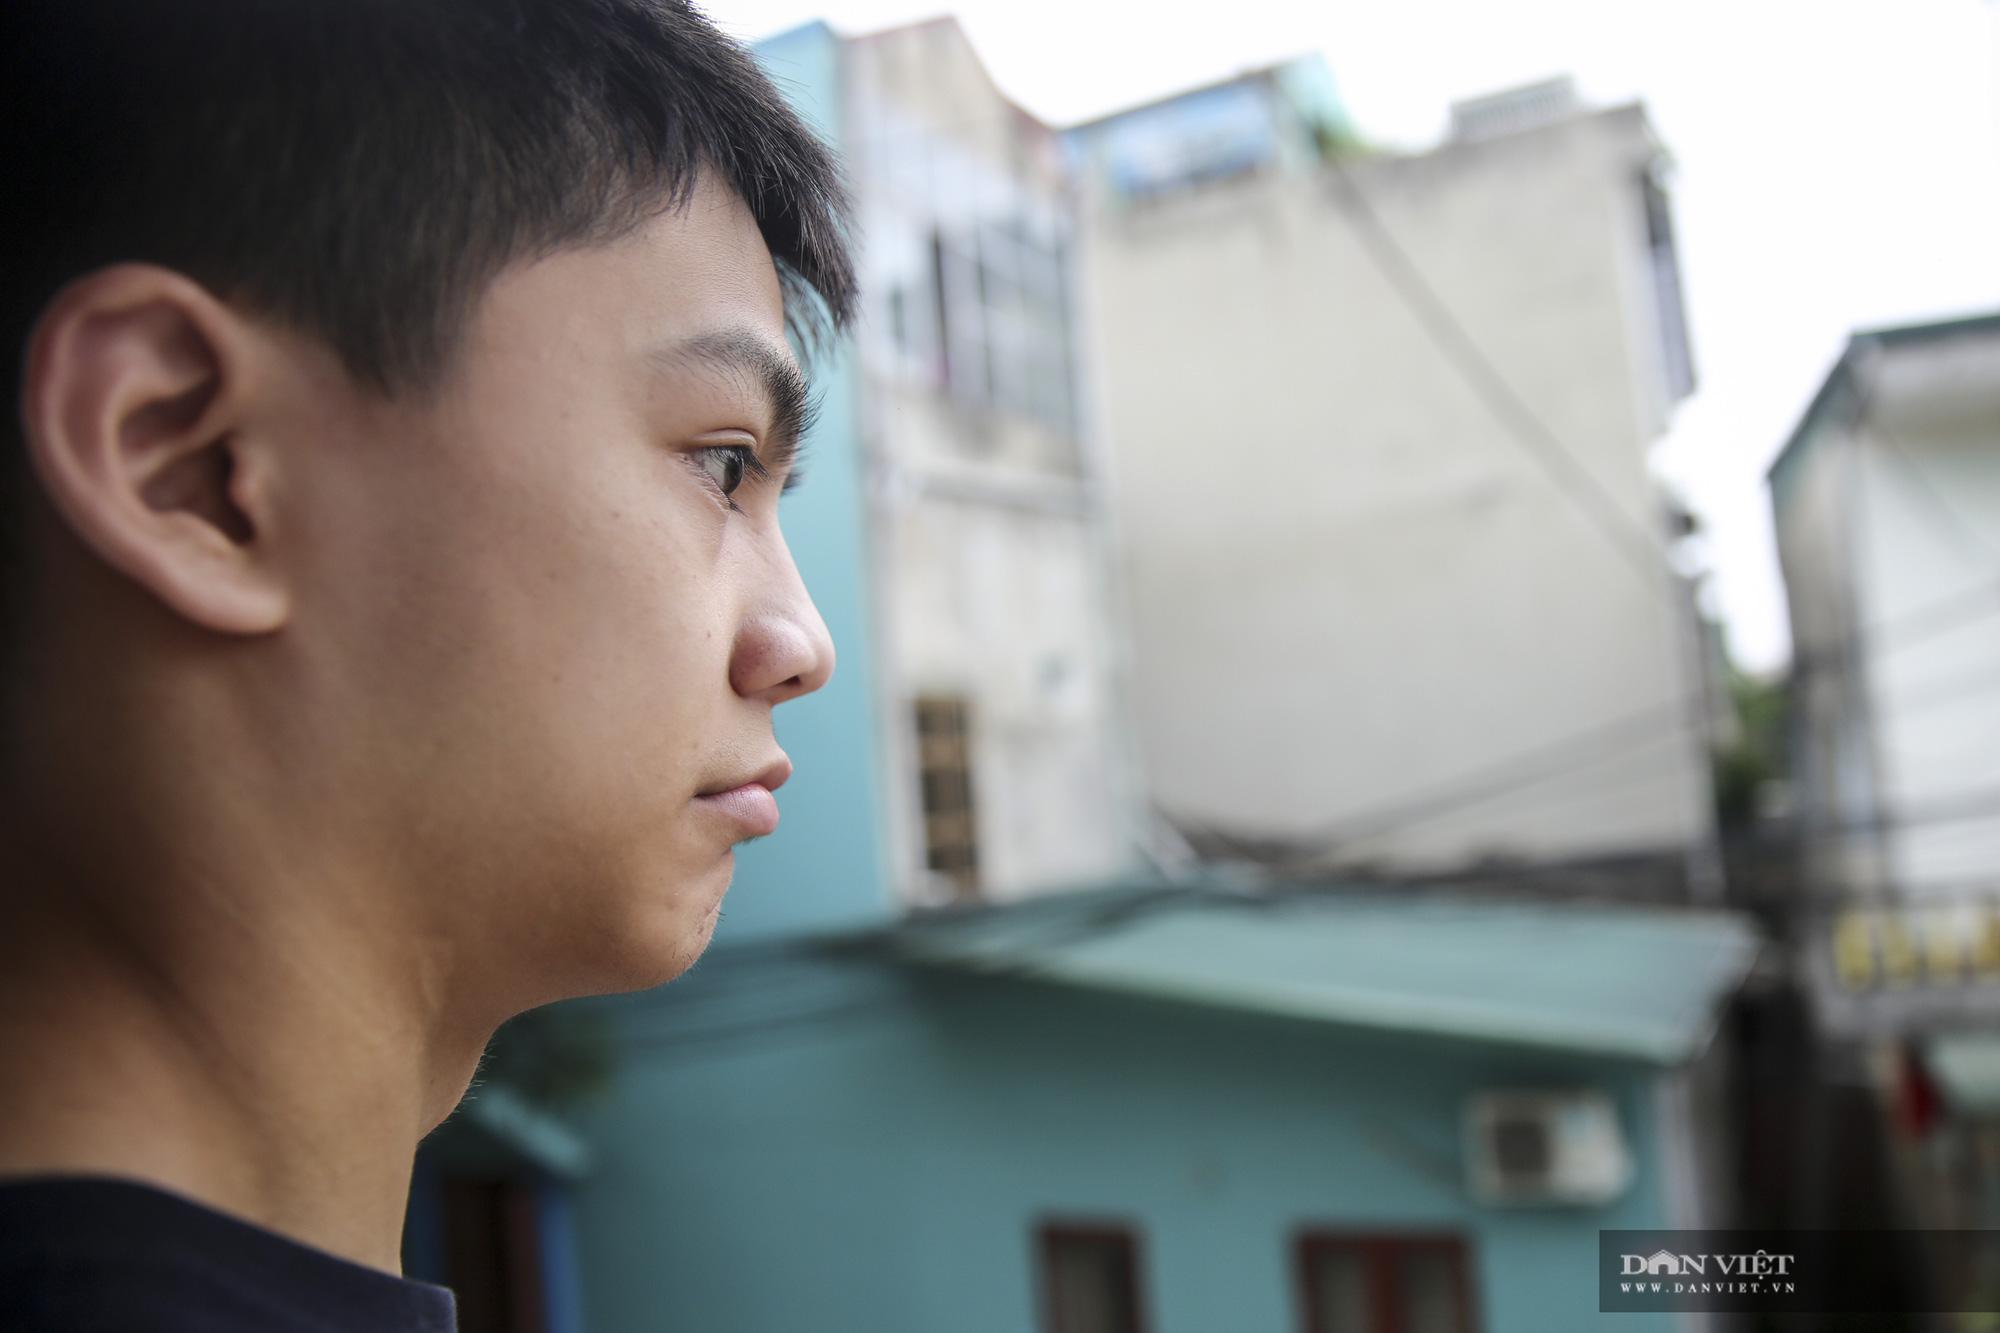 """Cậu bé """"bại não"""" được tuyển thẳng vào ngành Trí tuệ nhân tạo Đại học FPT - Ảnh 10."""